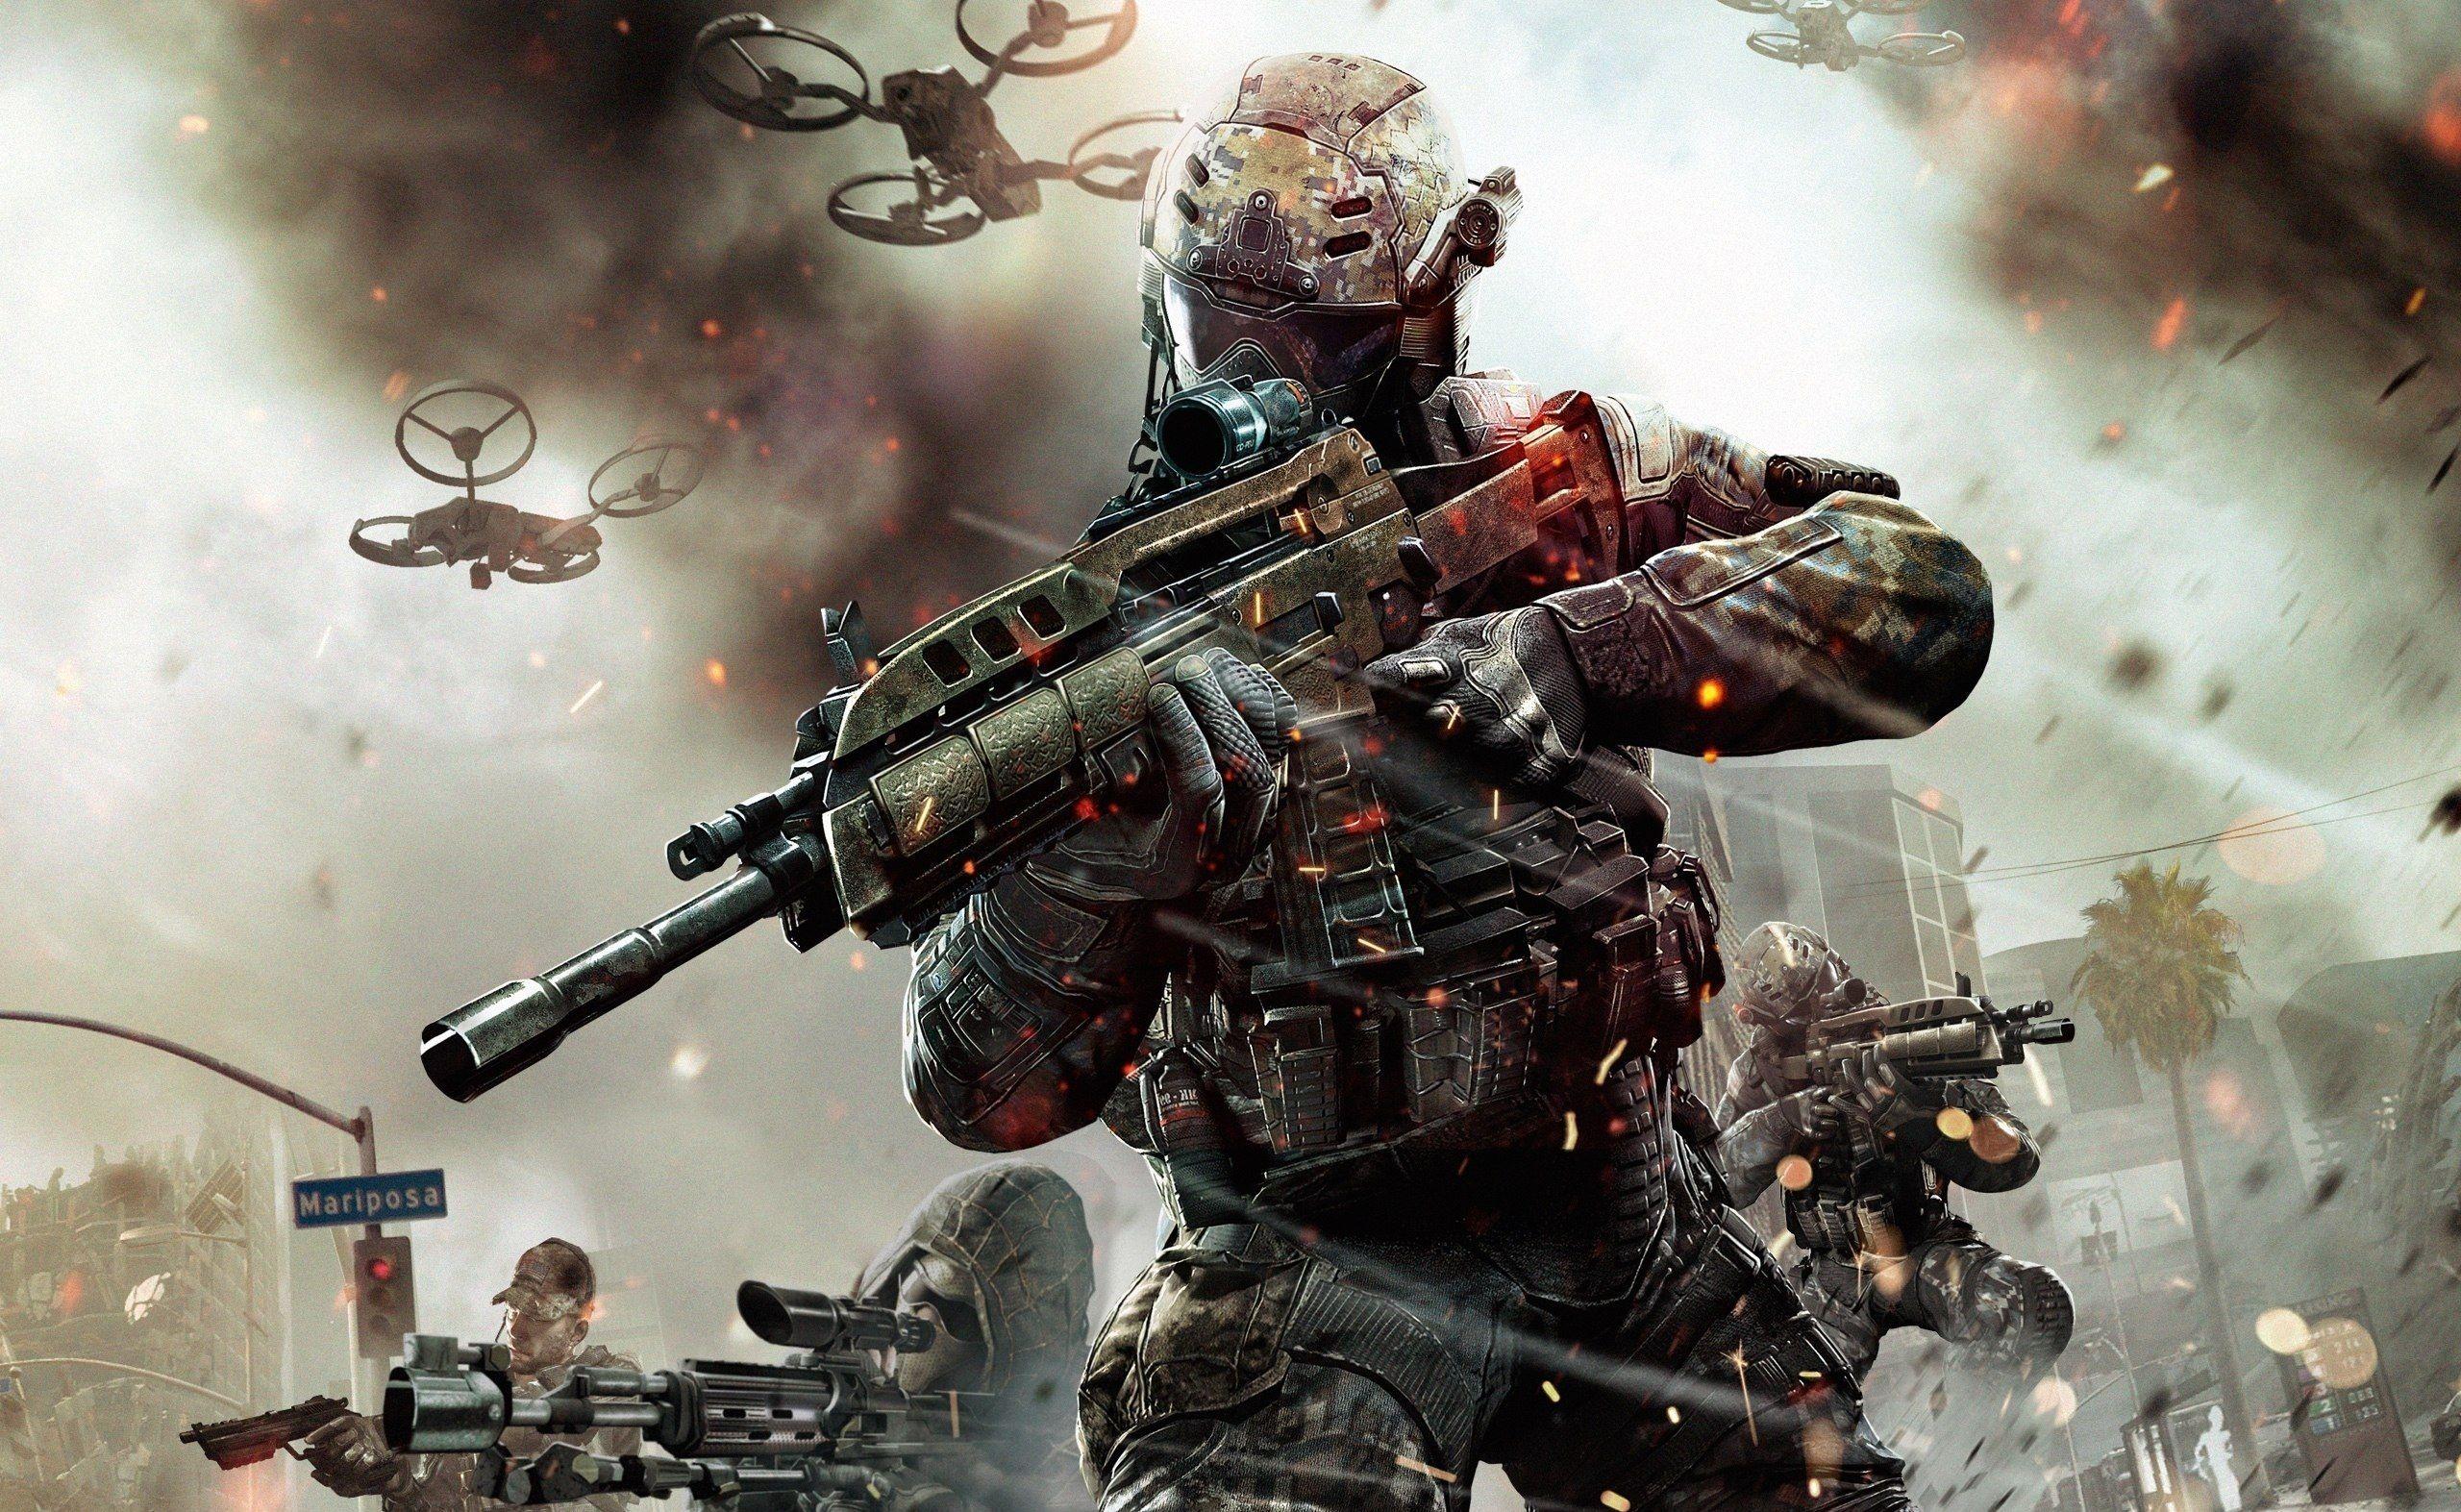 Call Of Duty Modern Warfare 3 Wallpaper Http Www Hdofwallpapers Com Call Of Duty Modern W Call Of Duty Black Ops 3 Call Of Duty Black Ops Iii Call Of Duty